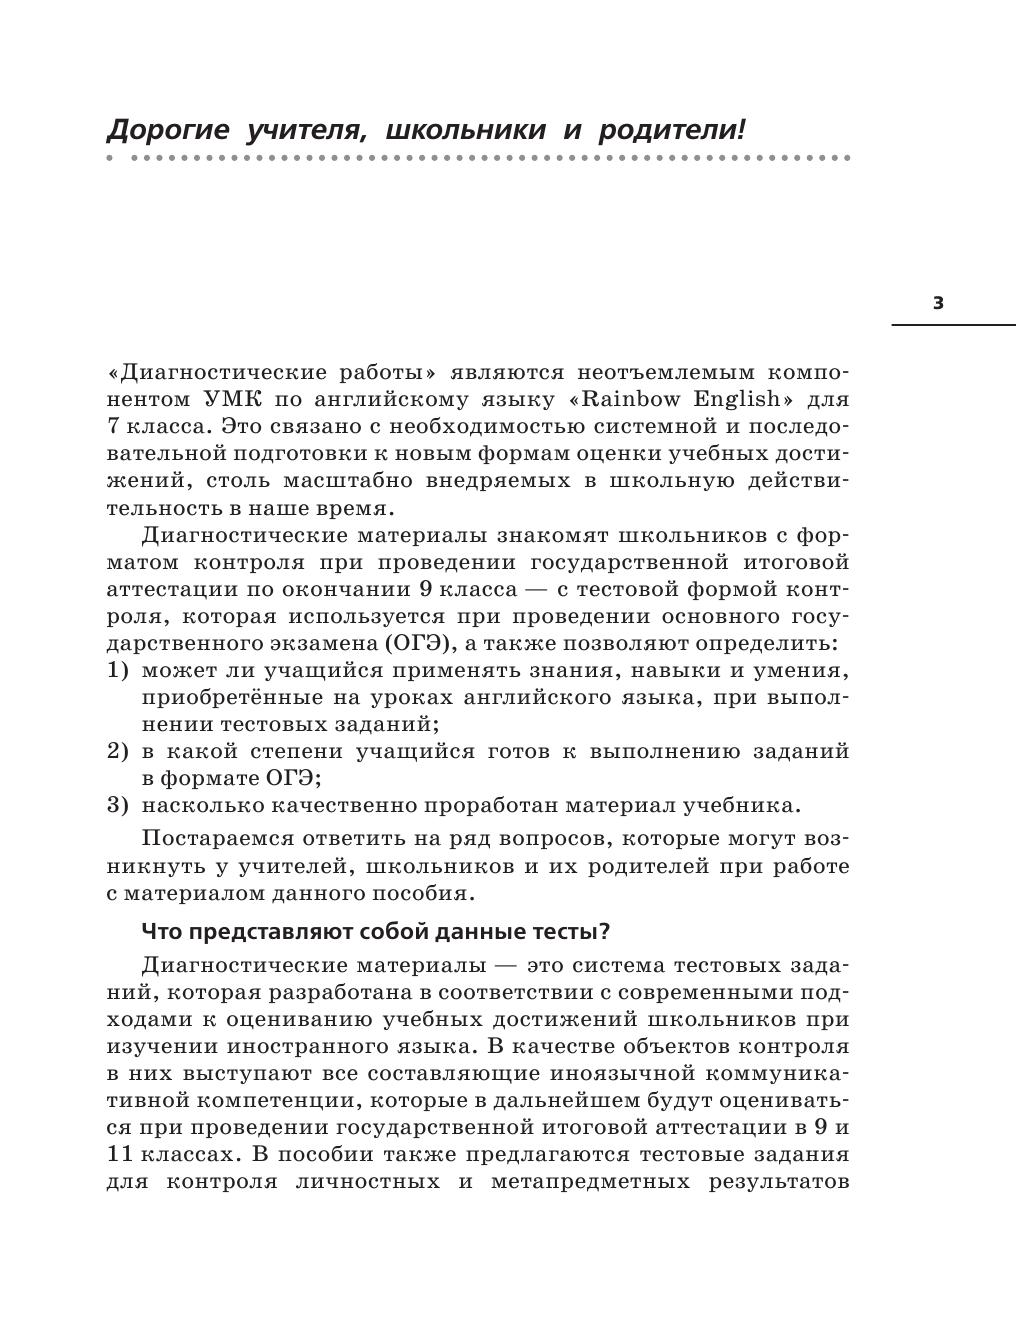 nemetskiy-7-klass-otveti-na-voprosi-temu-kak